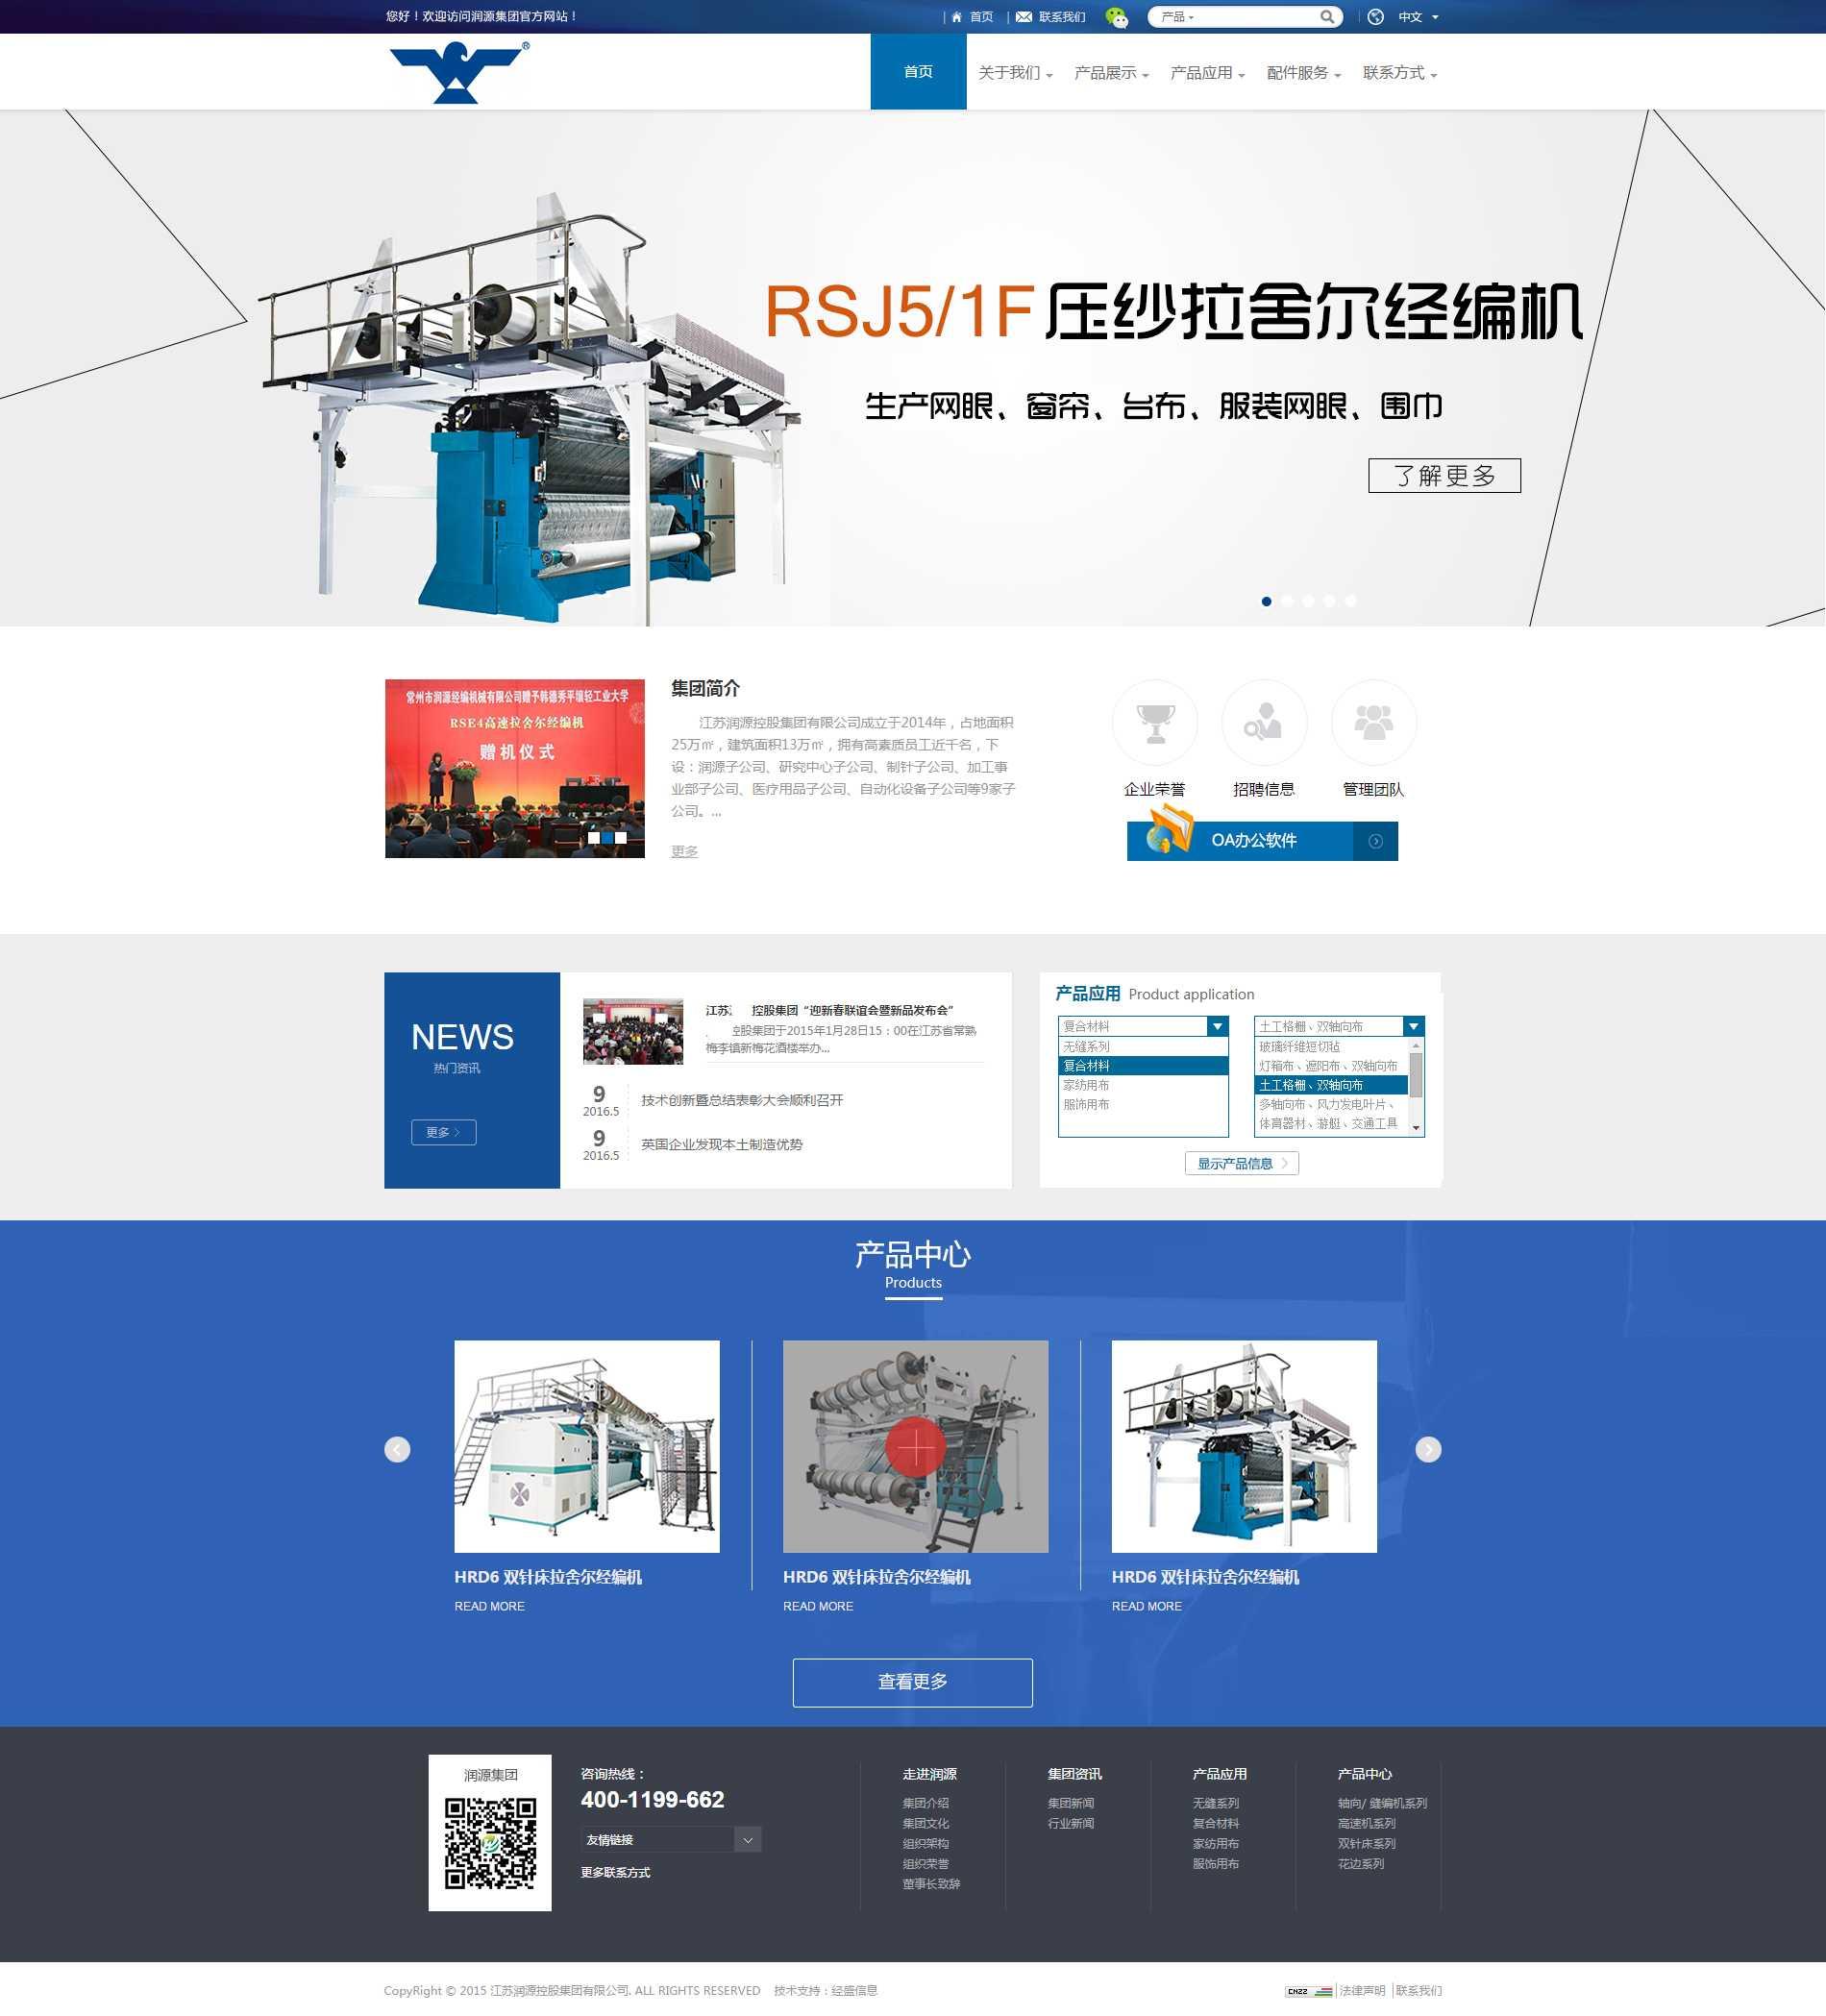 蓝色大气的机械设备企业网站首页设计模板